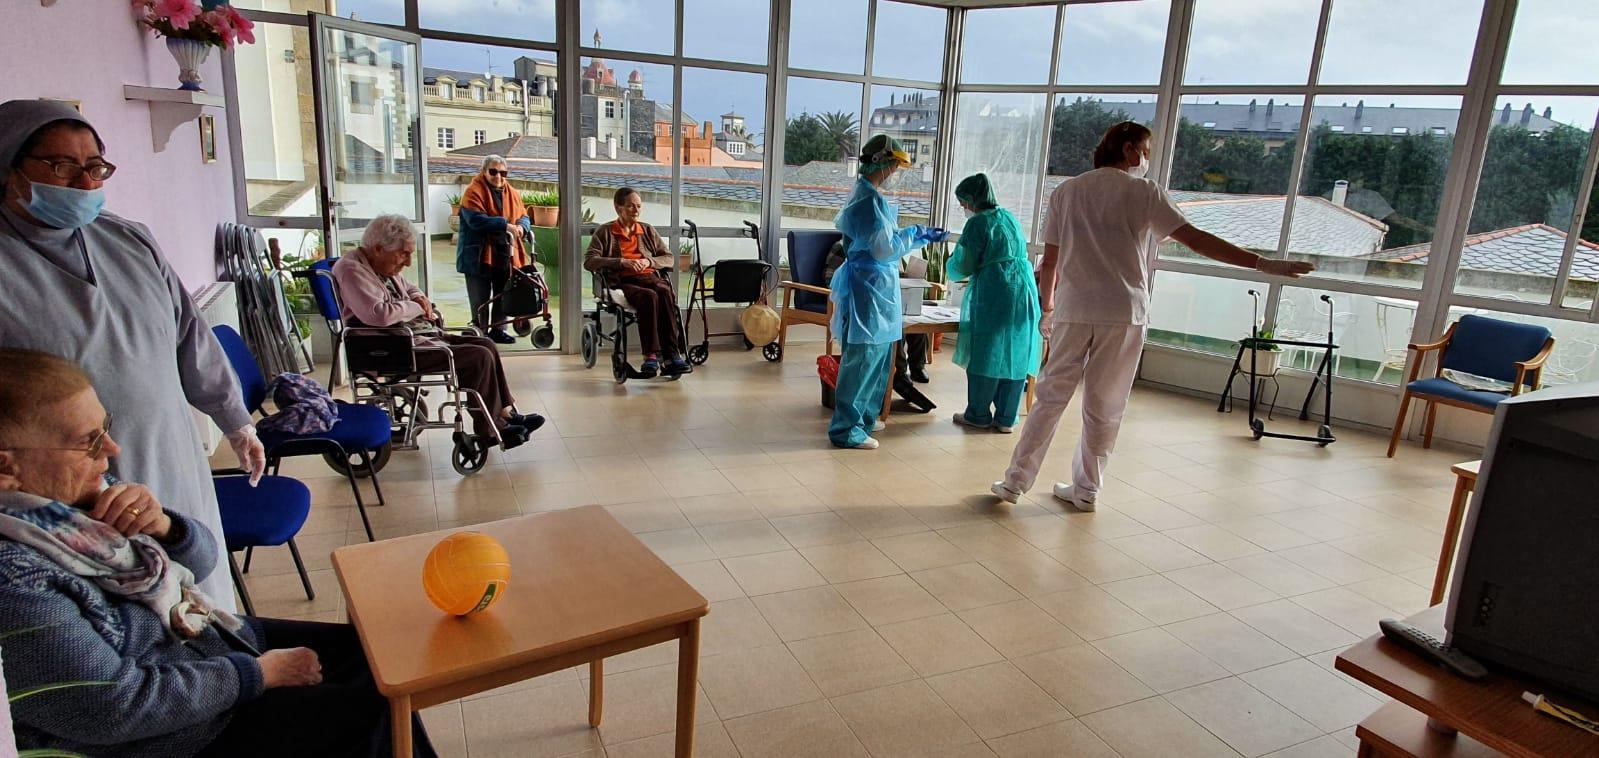 Confirmada la ausencia de casos positivos de COVID-19 en Ribadeo